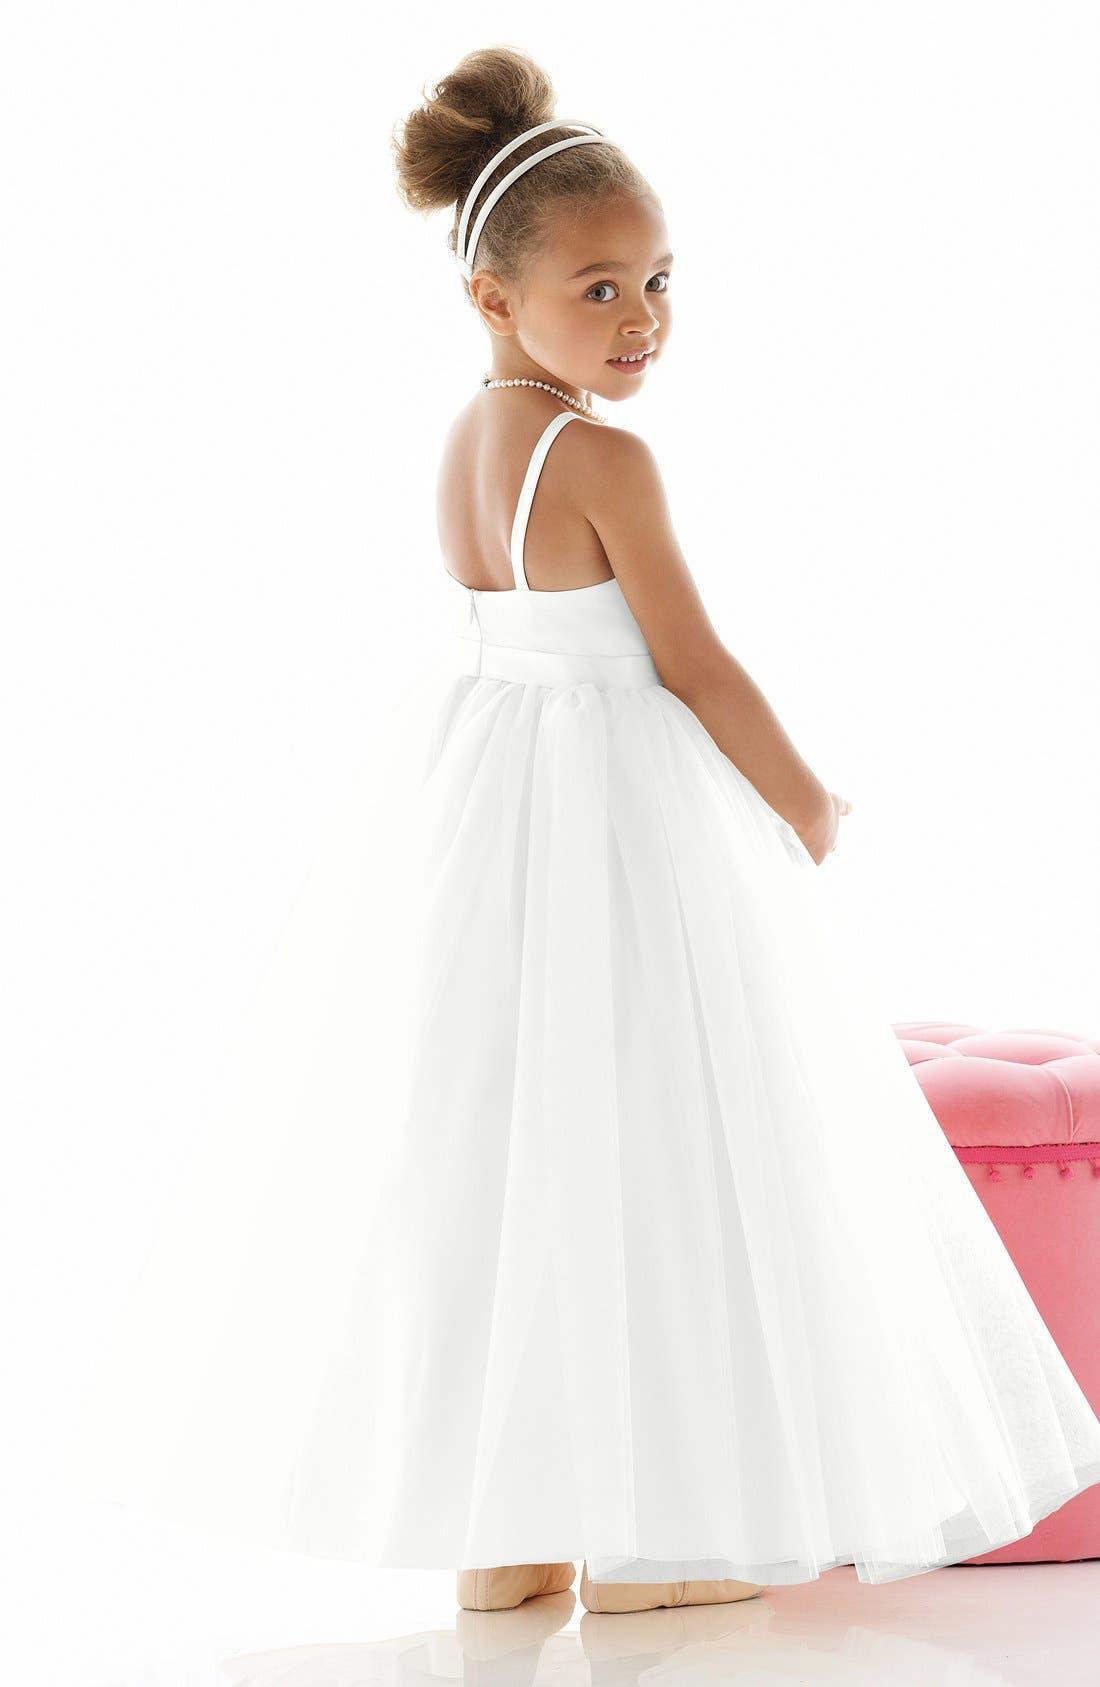 'Rose' Satin & Tulle Flower Girl Dress,                             Alternate thumbnail 2, color,                             White